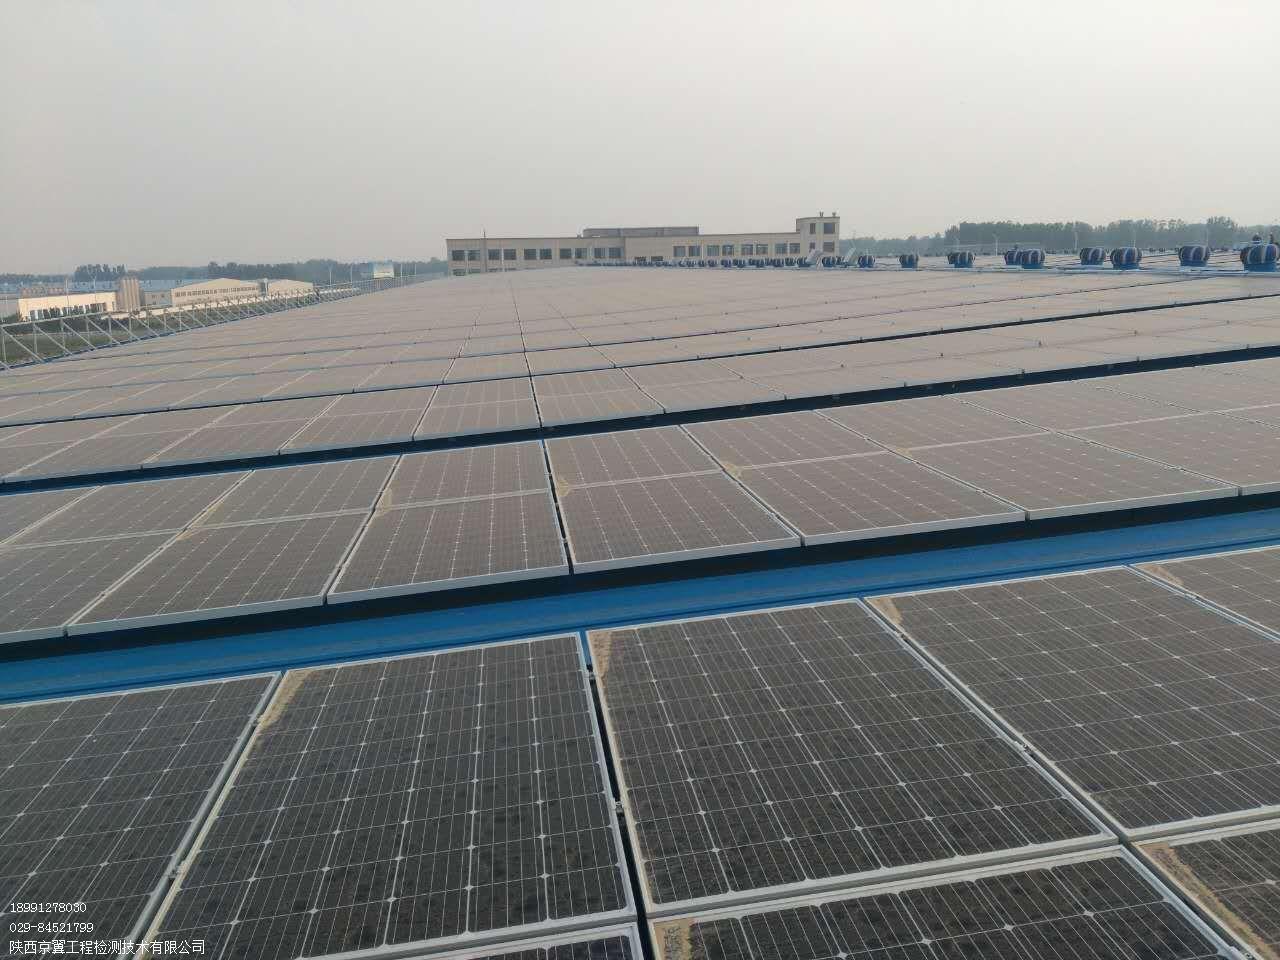 分布式屋顶光伏发电站厂房承载力复核检测鉴定